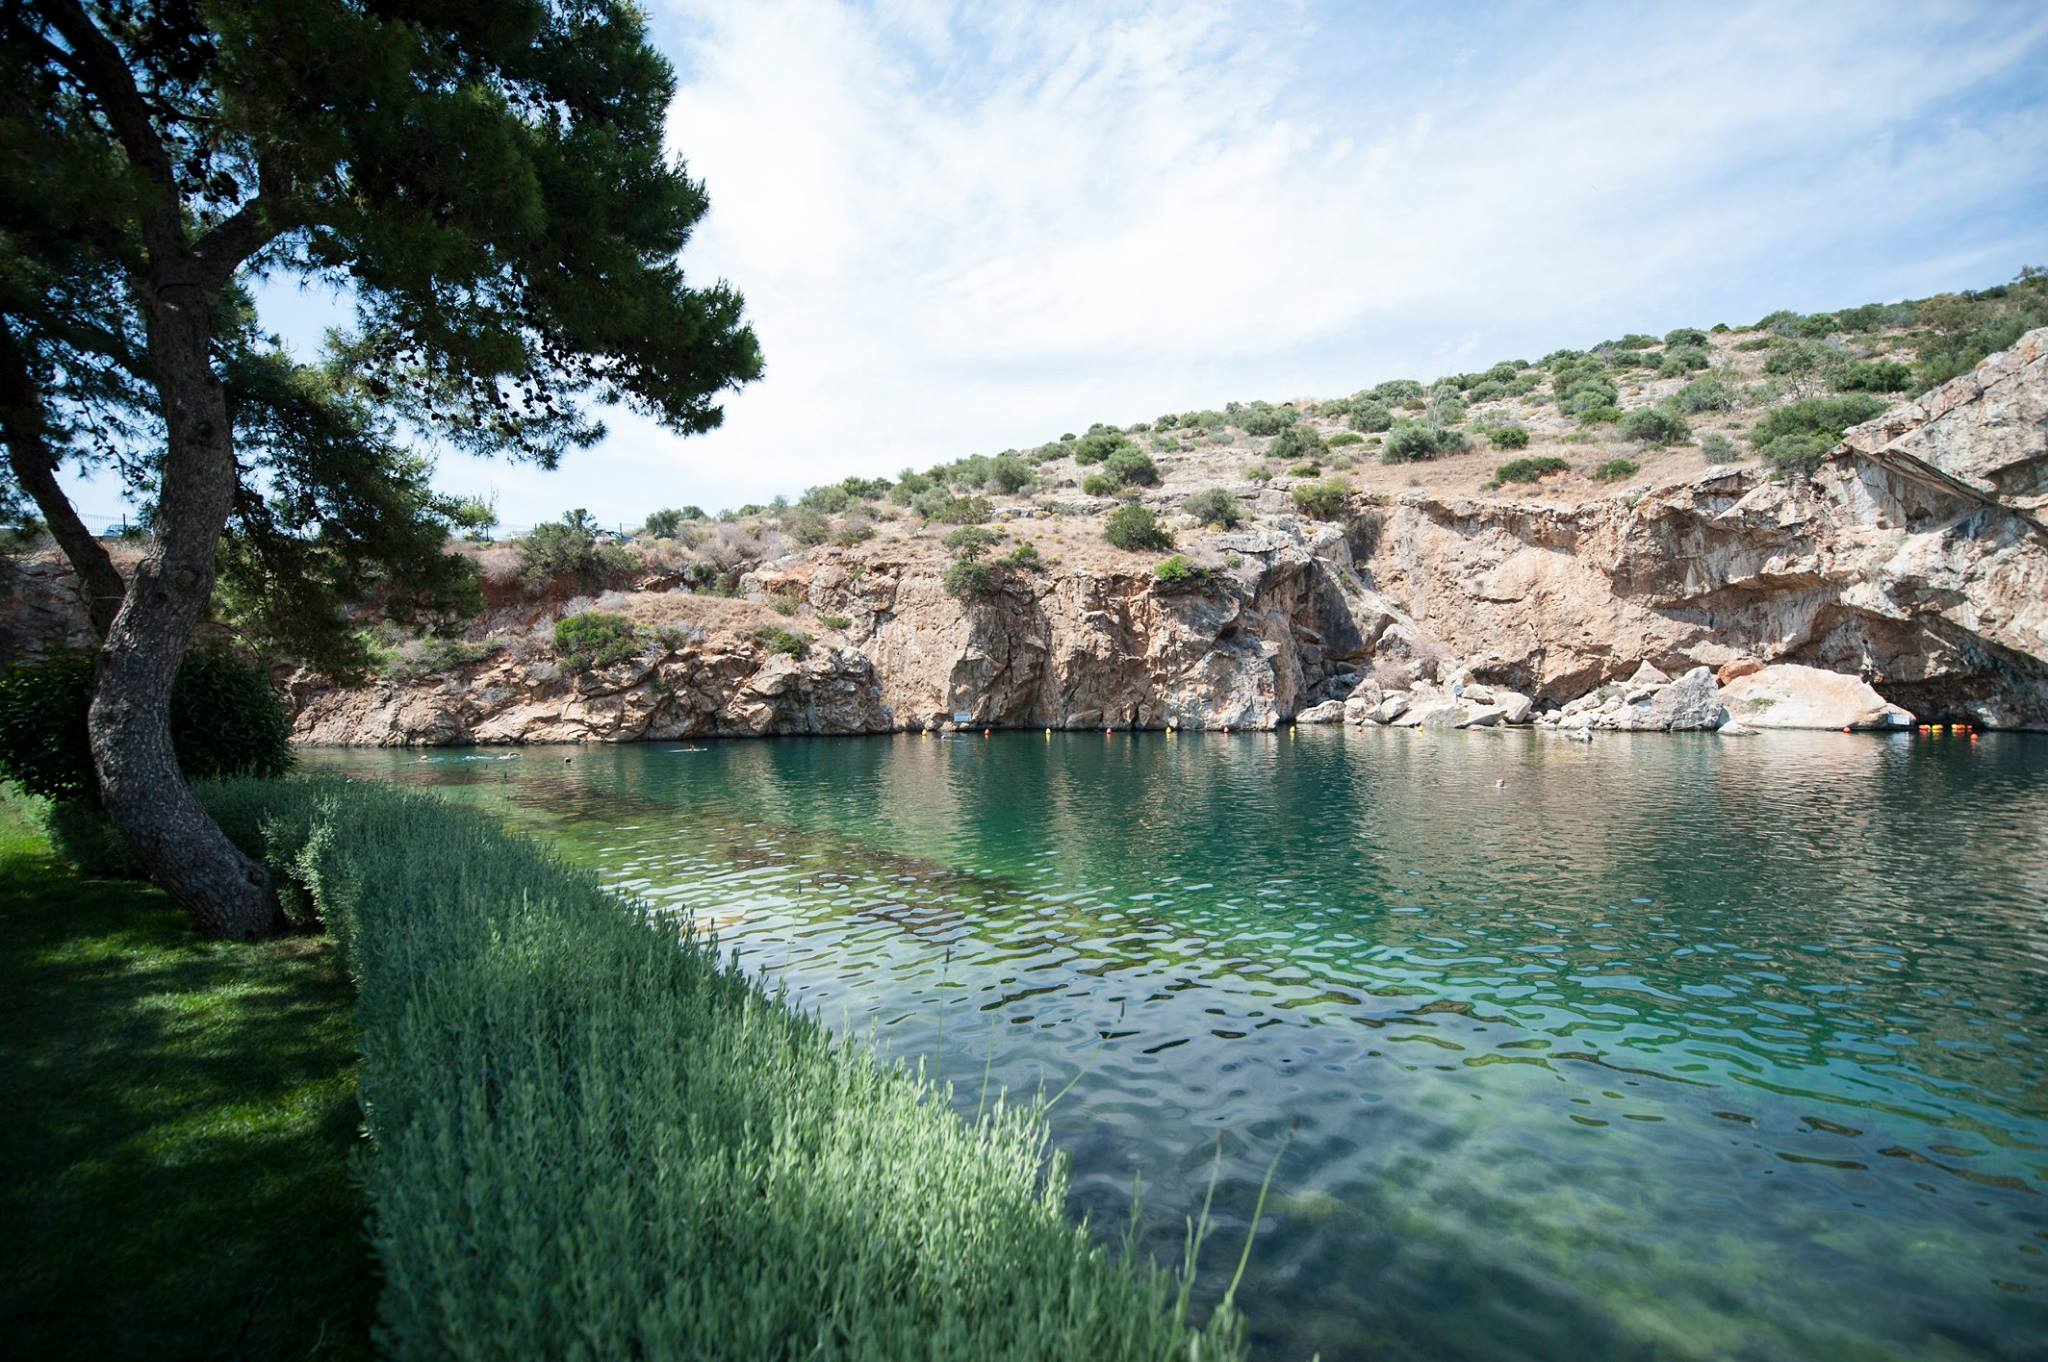 Δόγκας προς Δήμο 3Β: Σταματήστε τις συναυλίες στη Λίμνη Βουλιαγμένης